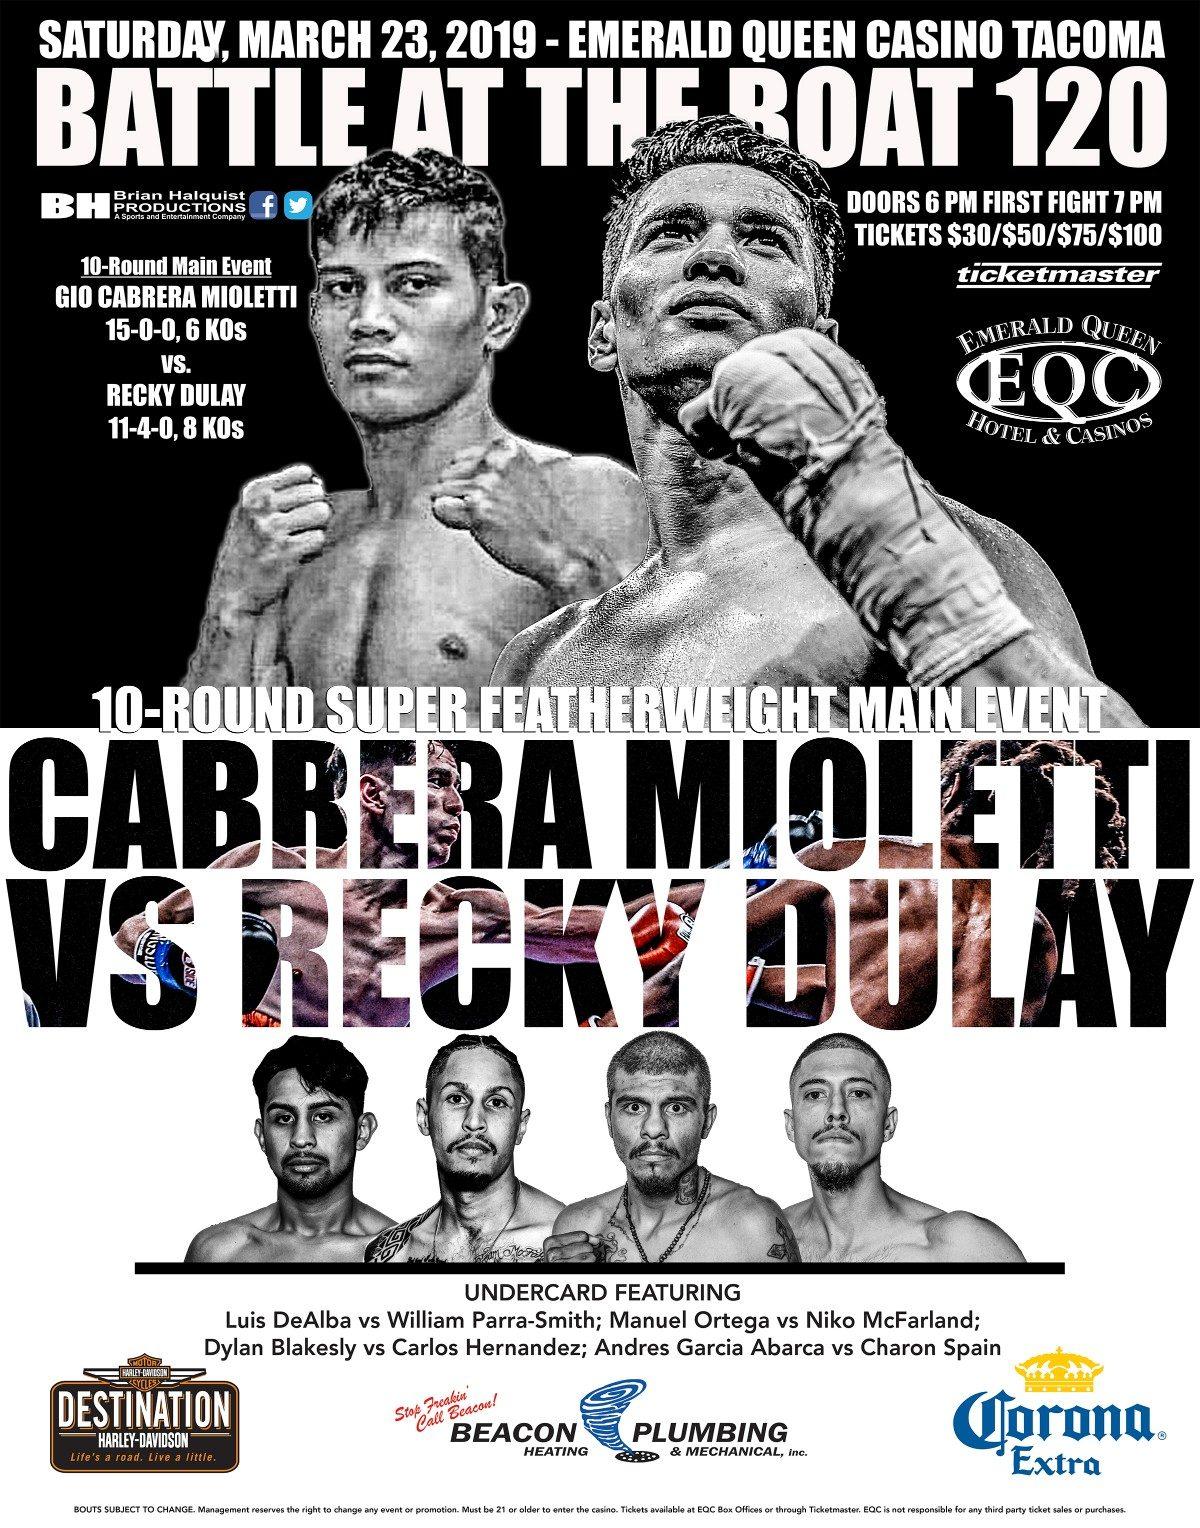 Cabrera Mioletti Recky Dulay Press Room